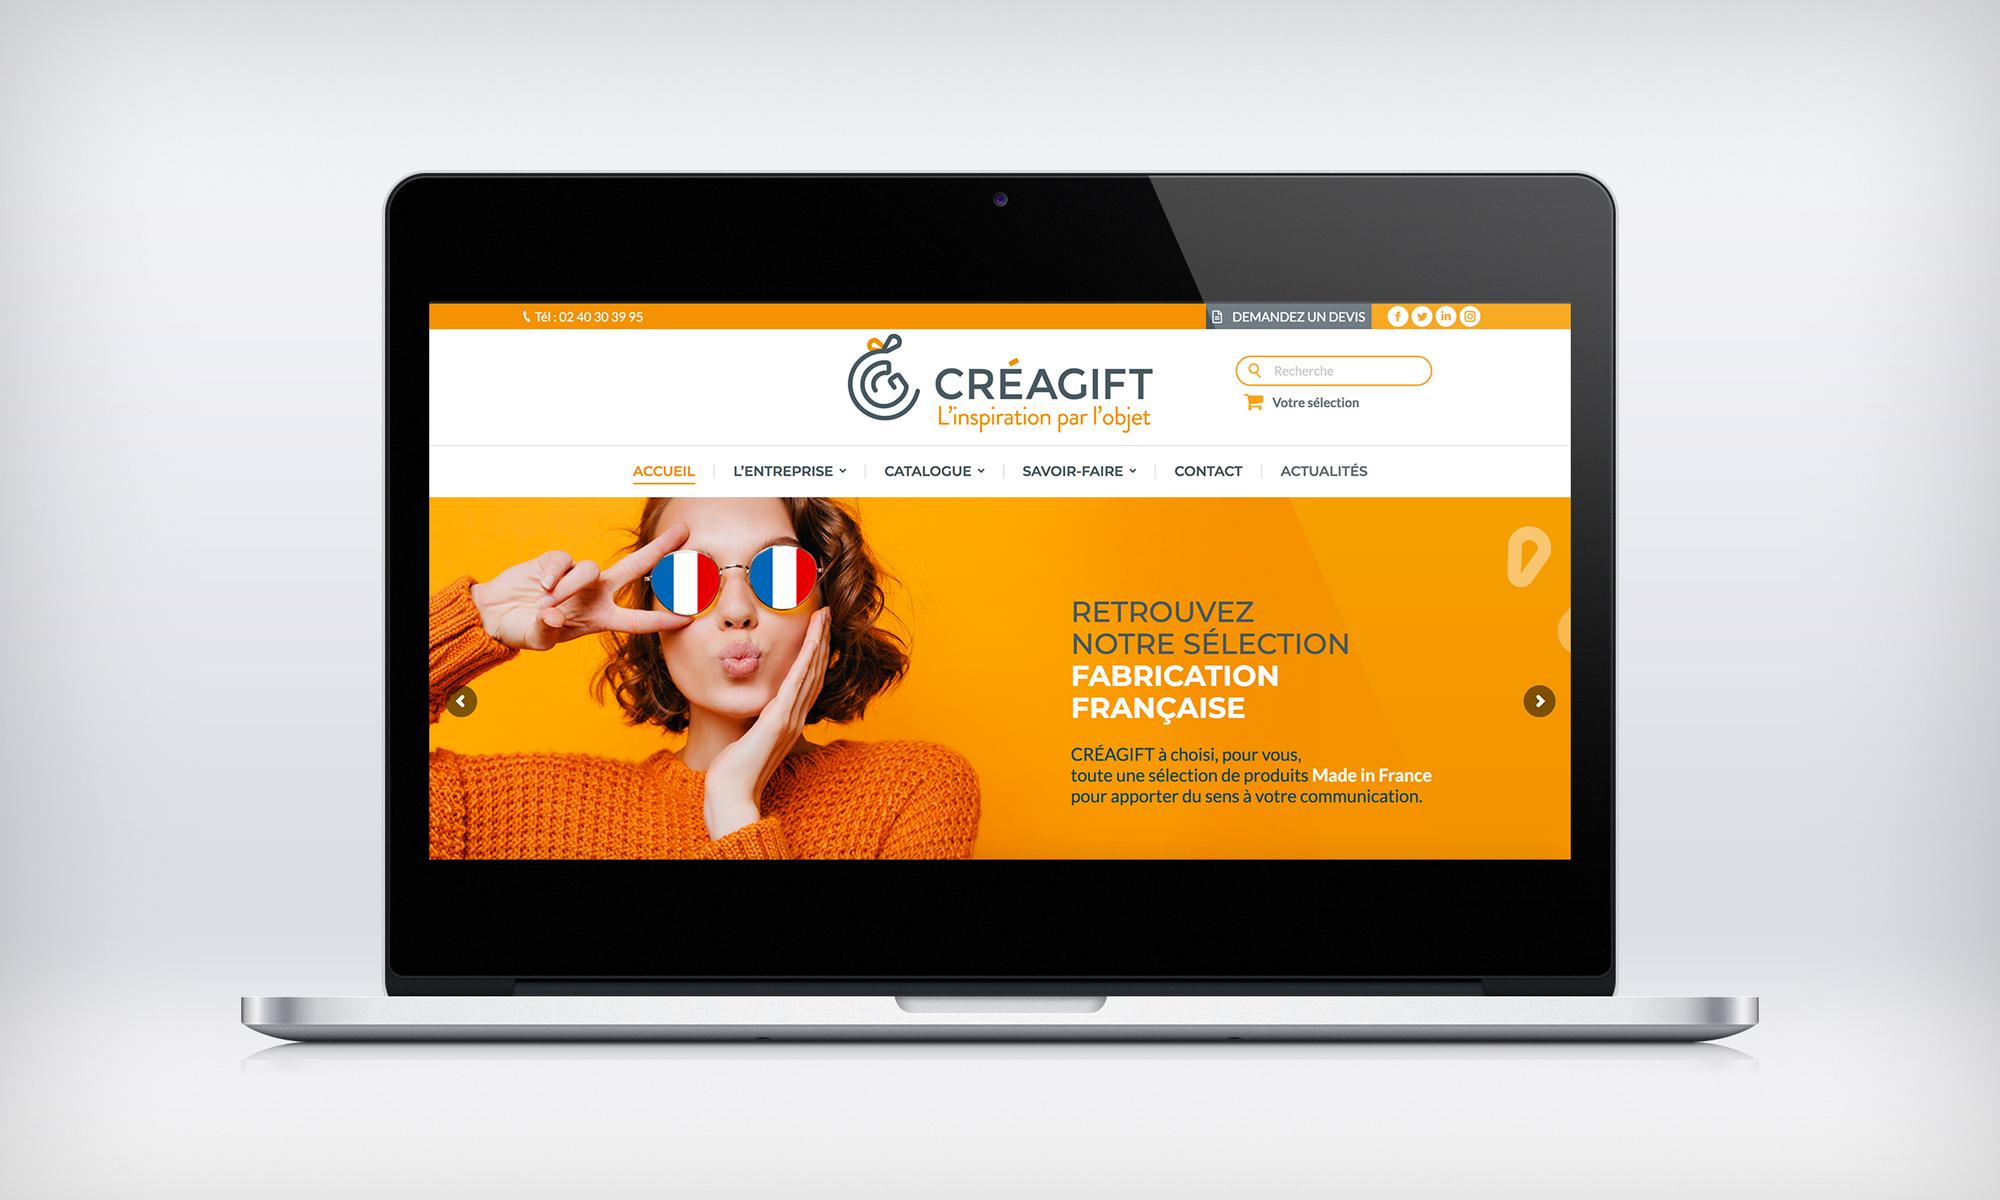 Nouveau Site Web Objet Publicitaire Creagift